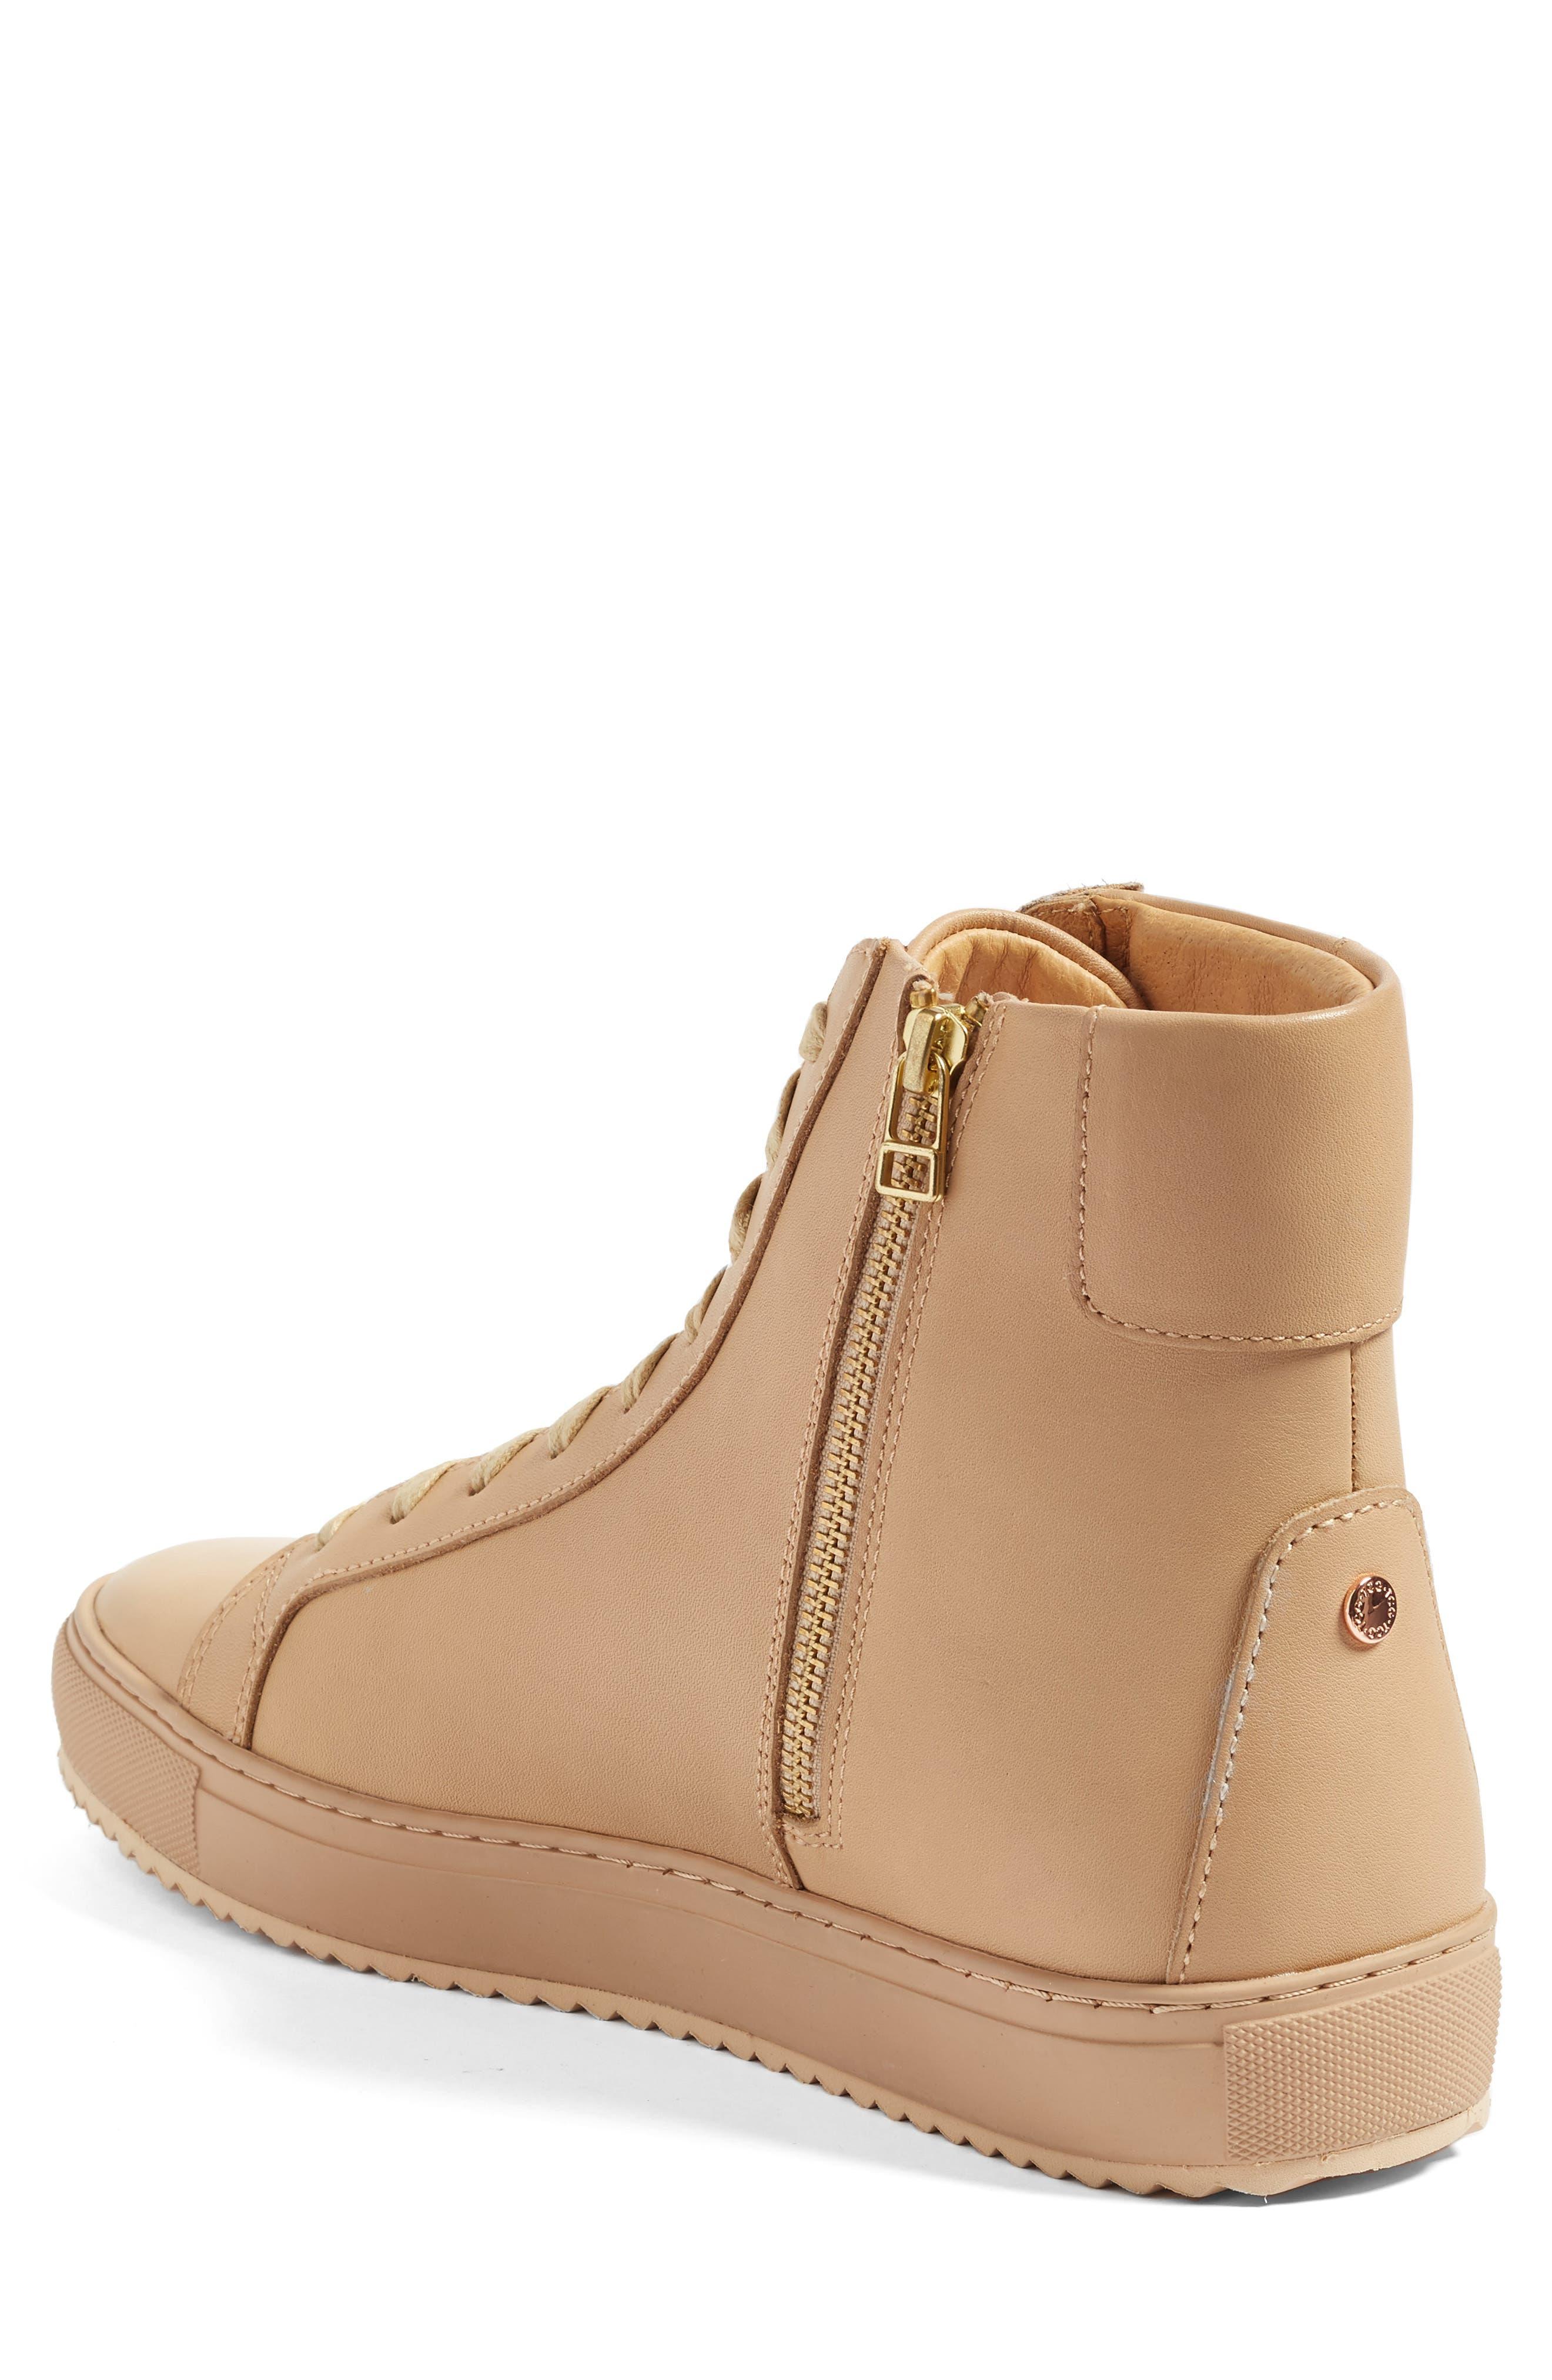 Logan Water Resistant High Top Sneaker,                             Alternate thumbnail 8, color,